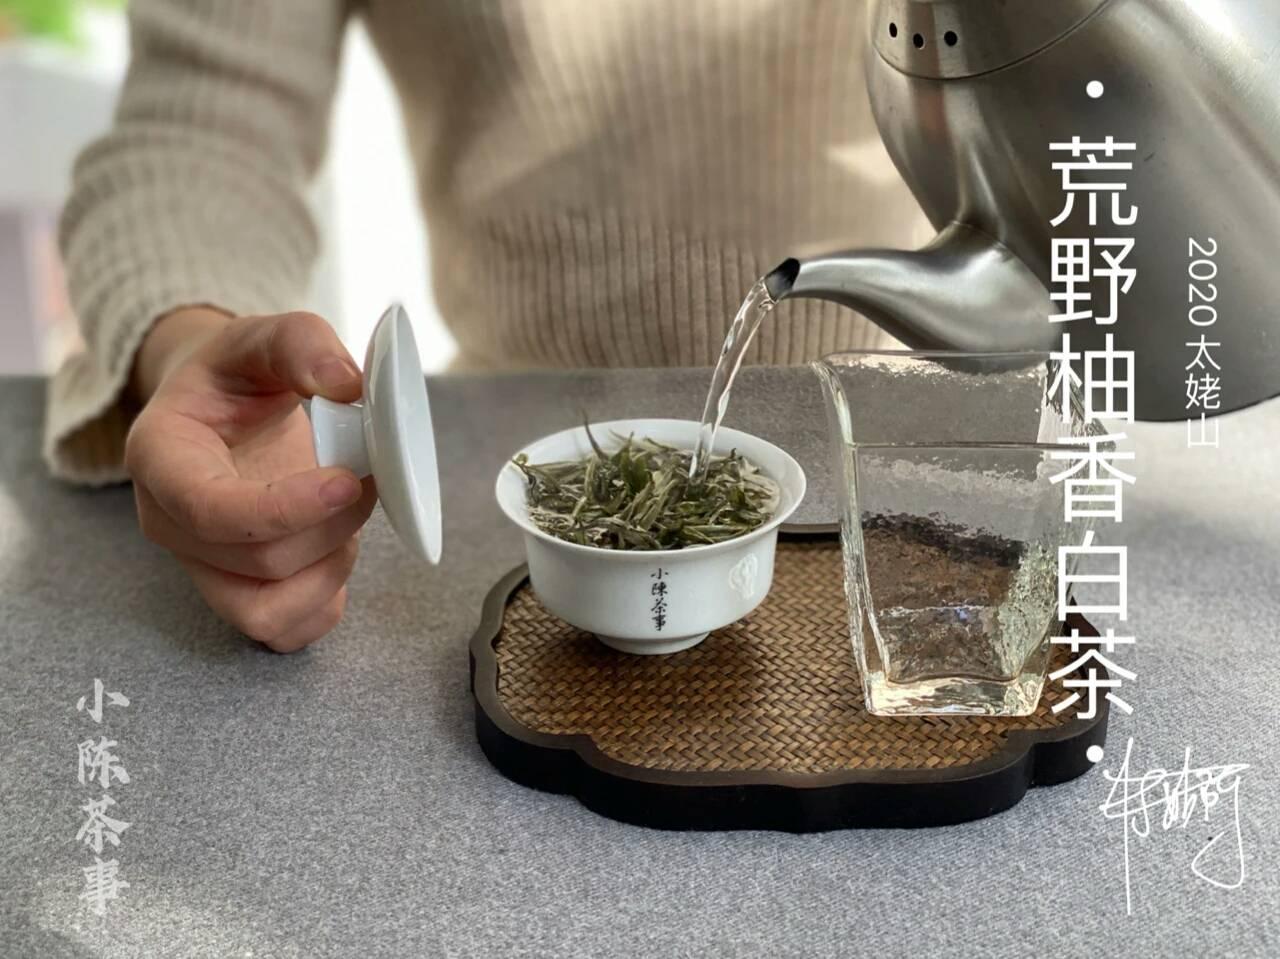 白茶是该喝新茶还是有年份的老茶?喝鲜爽还是枣香蜜韵?答案来了